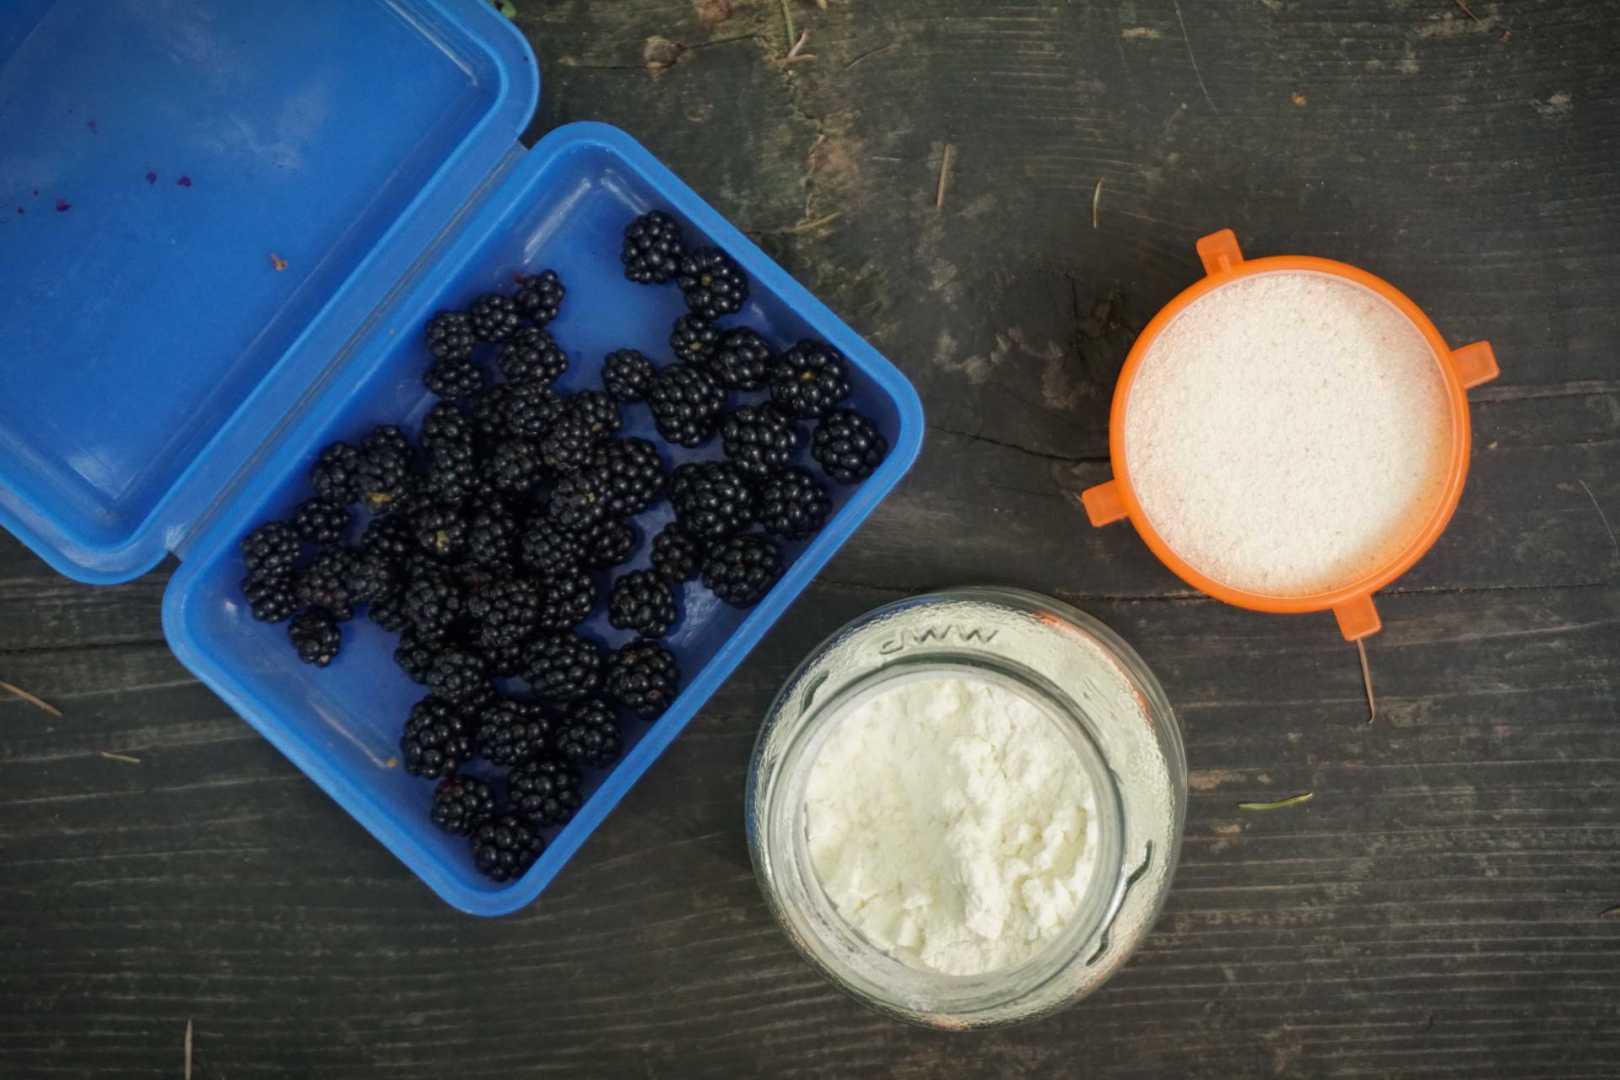 Die Grundzutaten für den Griesbrei mit Brombeeren: Brombeeren, Bio-Milchpulver, weichweizengries